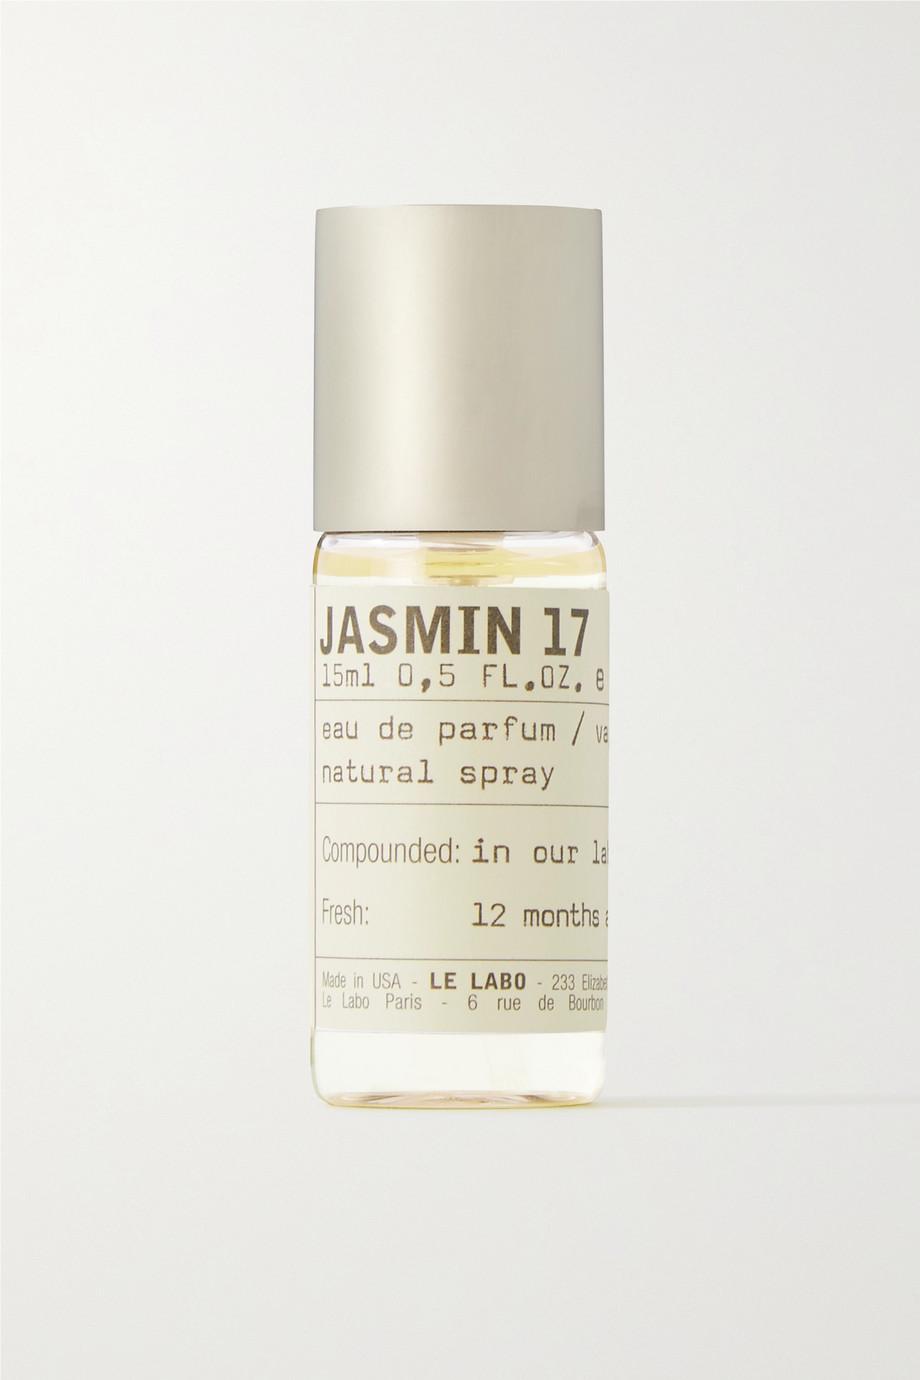 Le Labo Eau de Parfum - Jasmin 17, 15ml